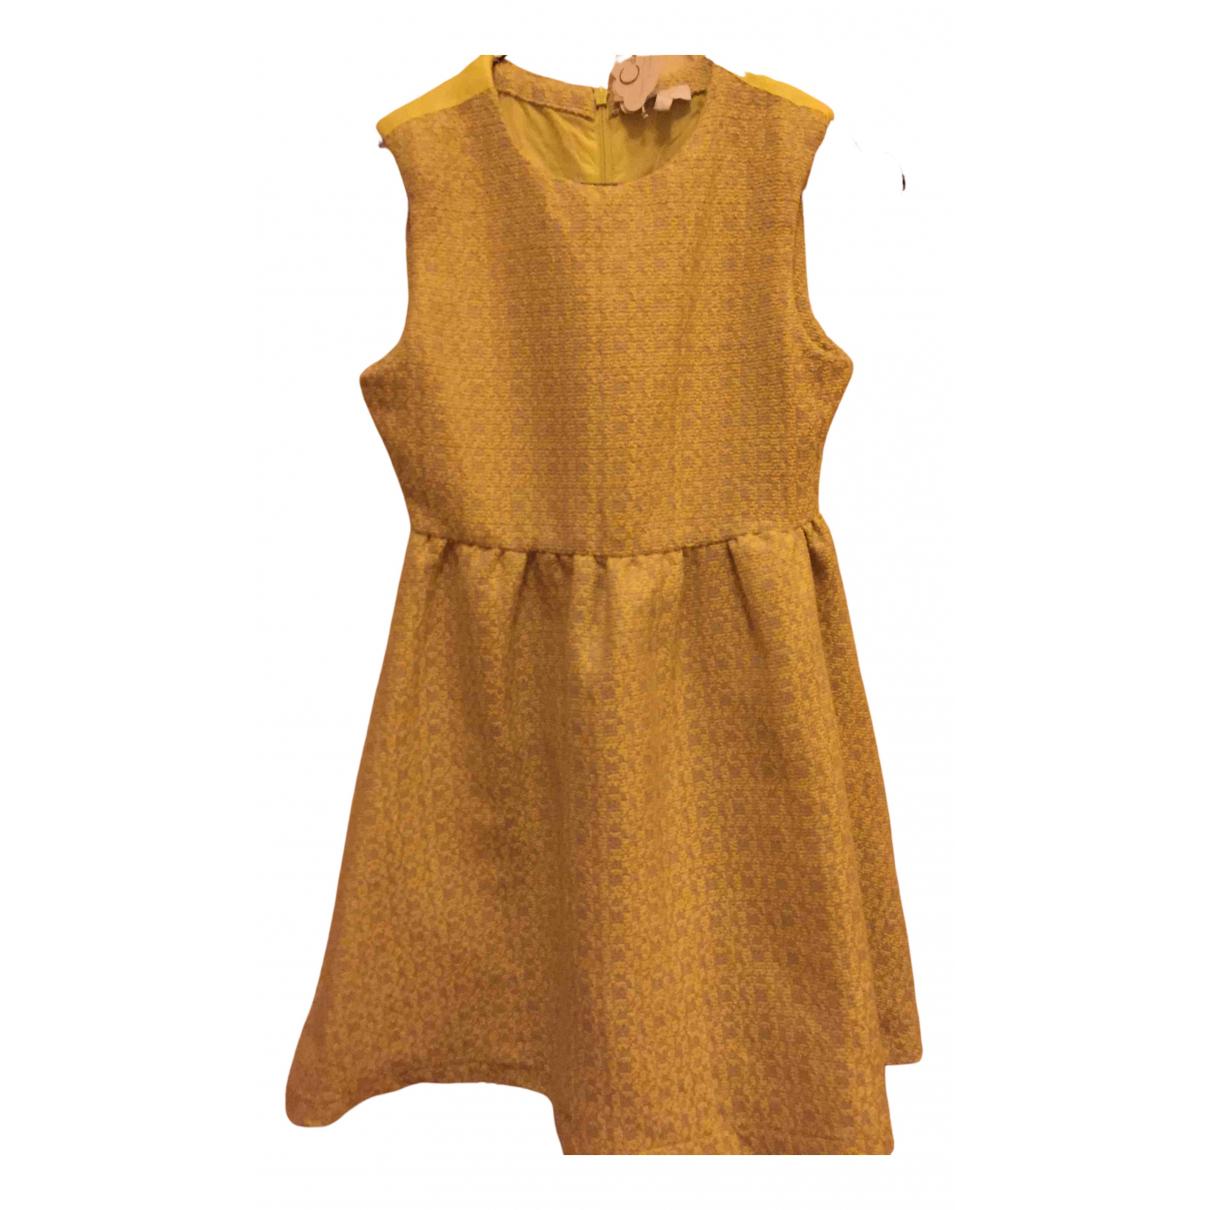 Cordelia De Castellane N Yellow Cotton dress for Kids 12 years - XS FR